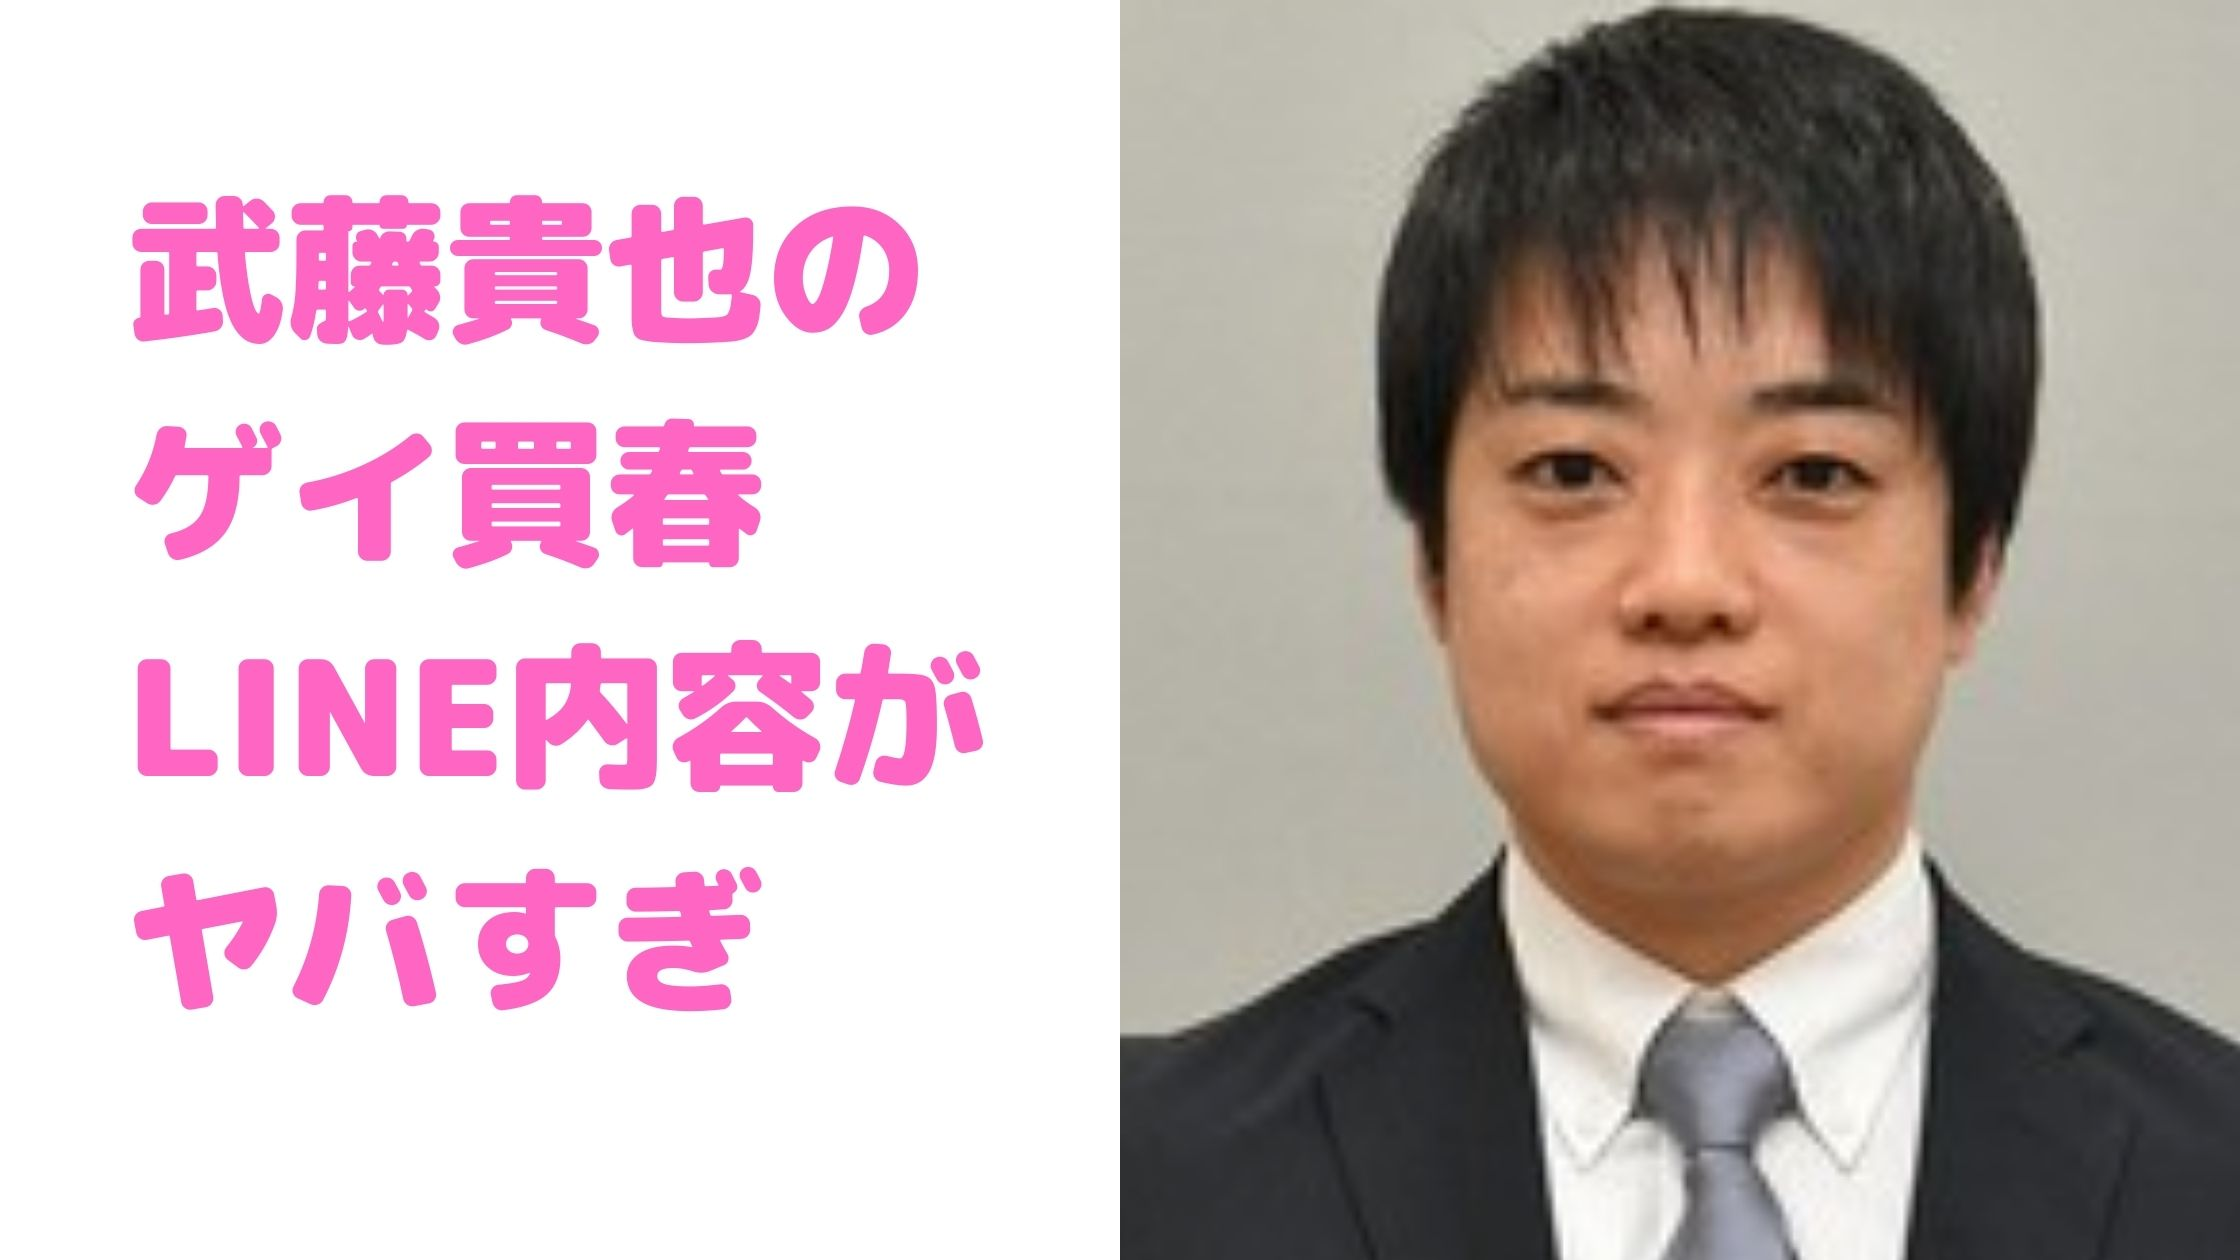 武藤貴也 ゲイ買春 ライン内容 彼女 嫁 結婚